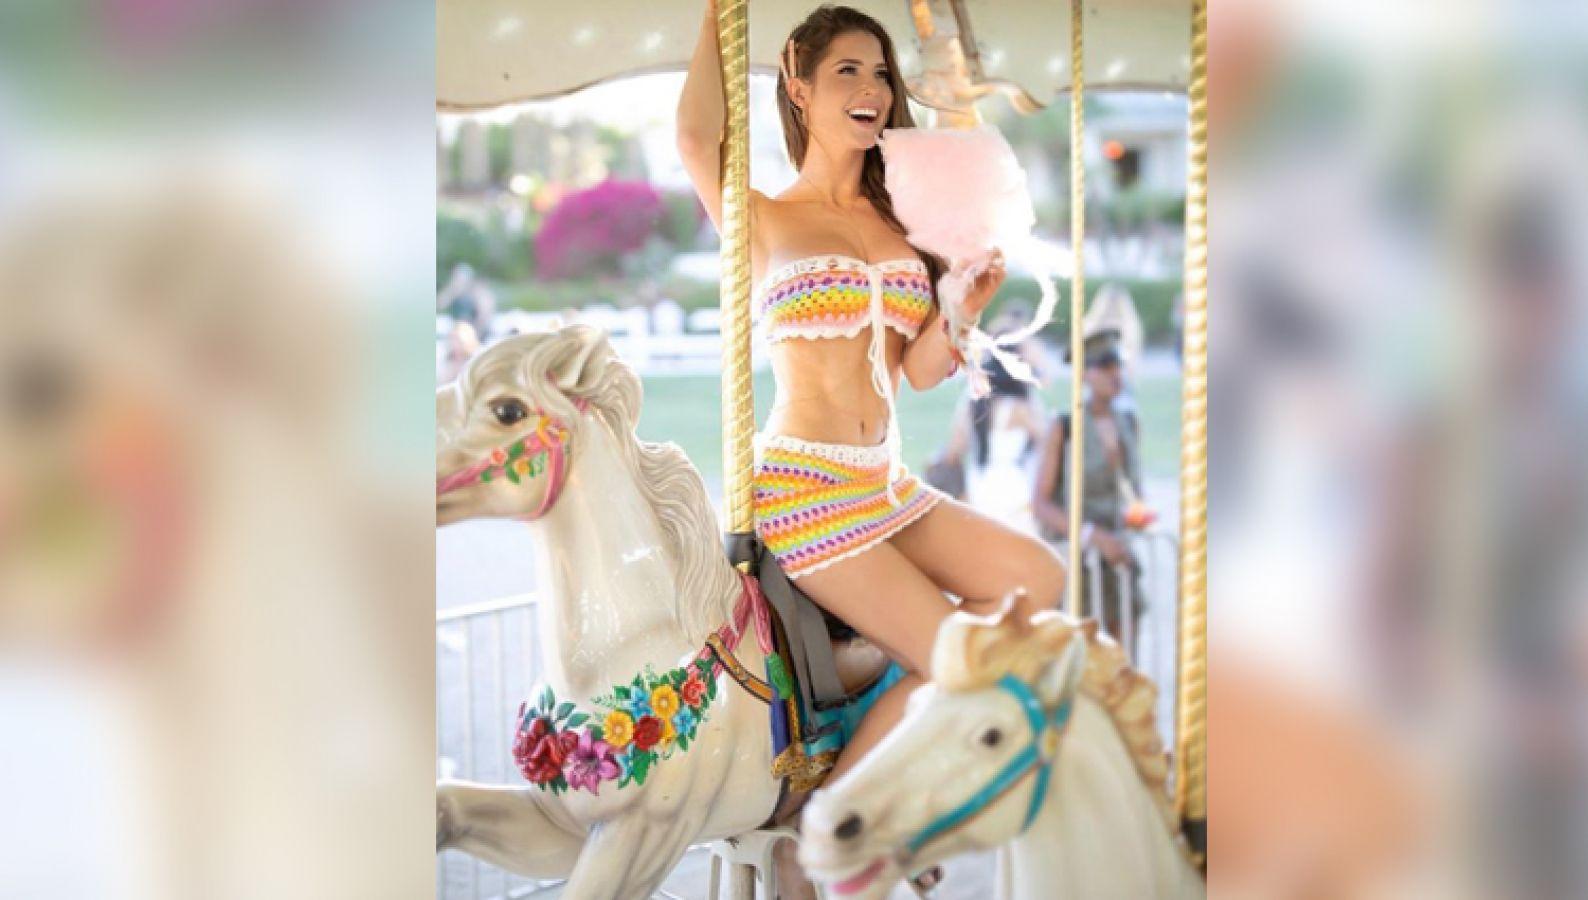 घोड़े पर बैठी नजर आई यह सेक्सी मॉडल, झूम उठे फैंस